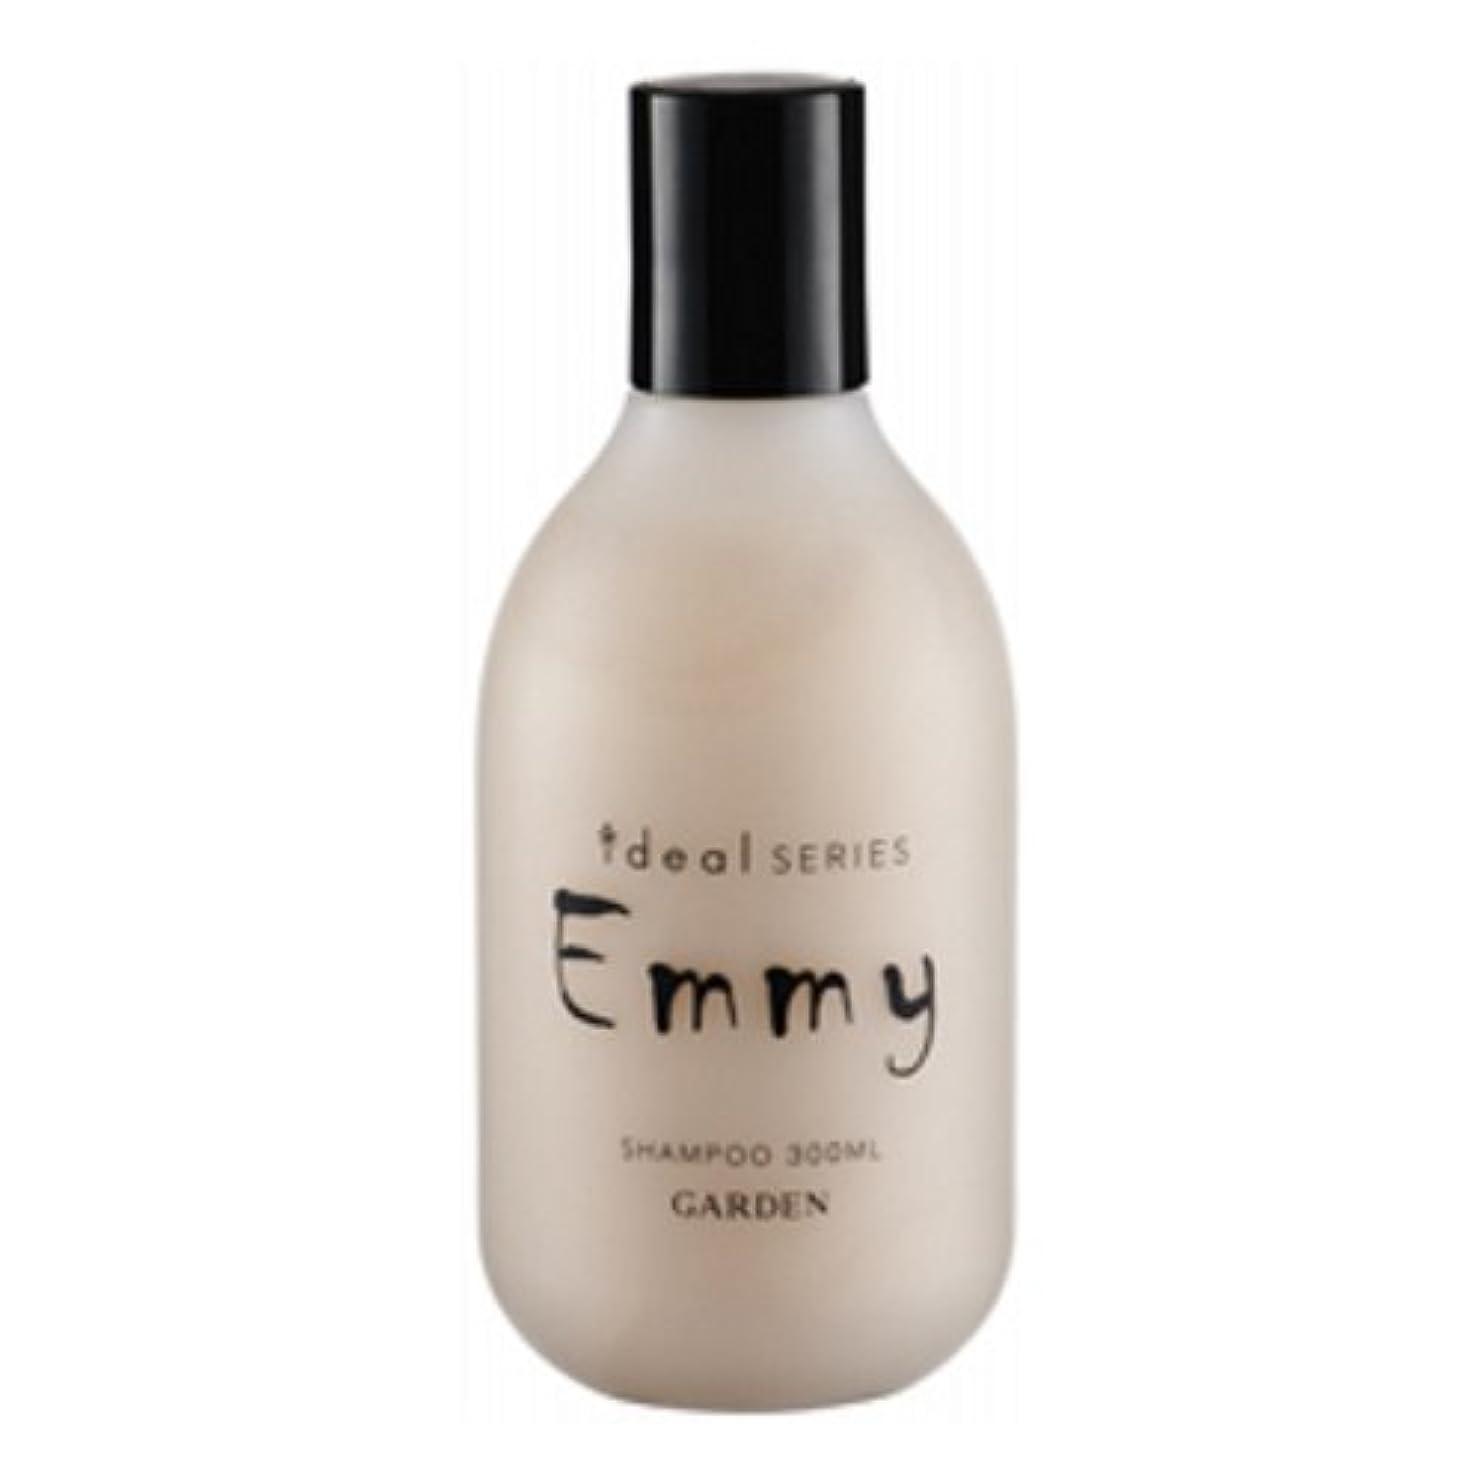 化学者歯車絡み合いGARDEN ideal SERIES (イデアルシリーズ) Emmy エミー ふんわりベーシックシャンプー 300ml